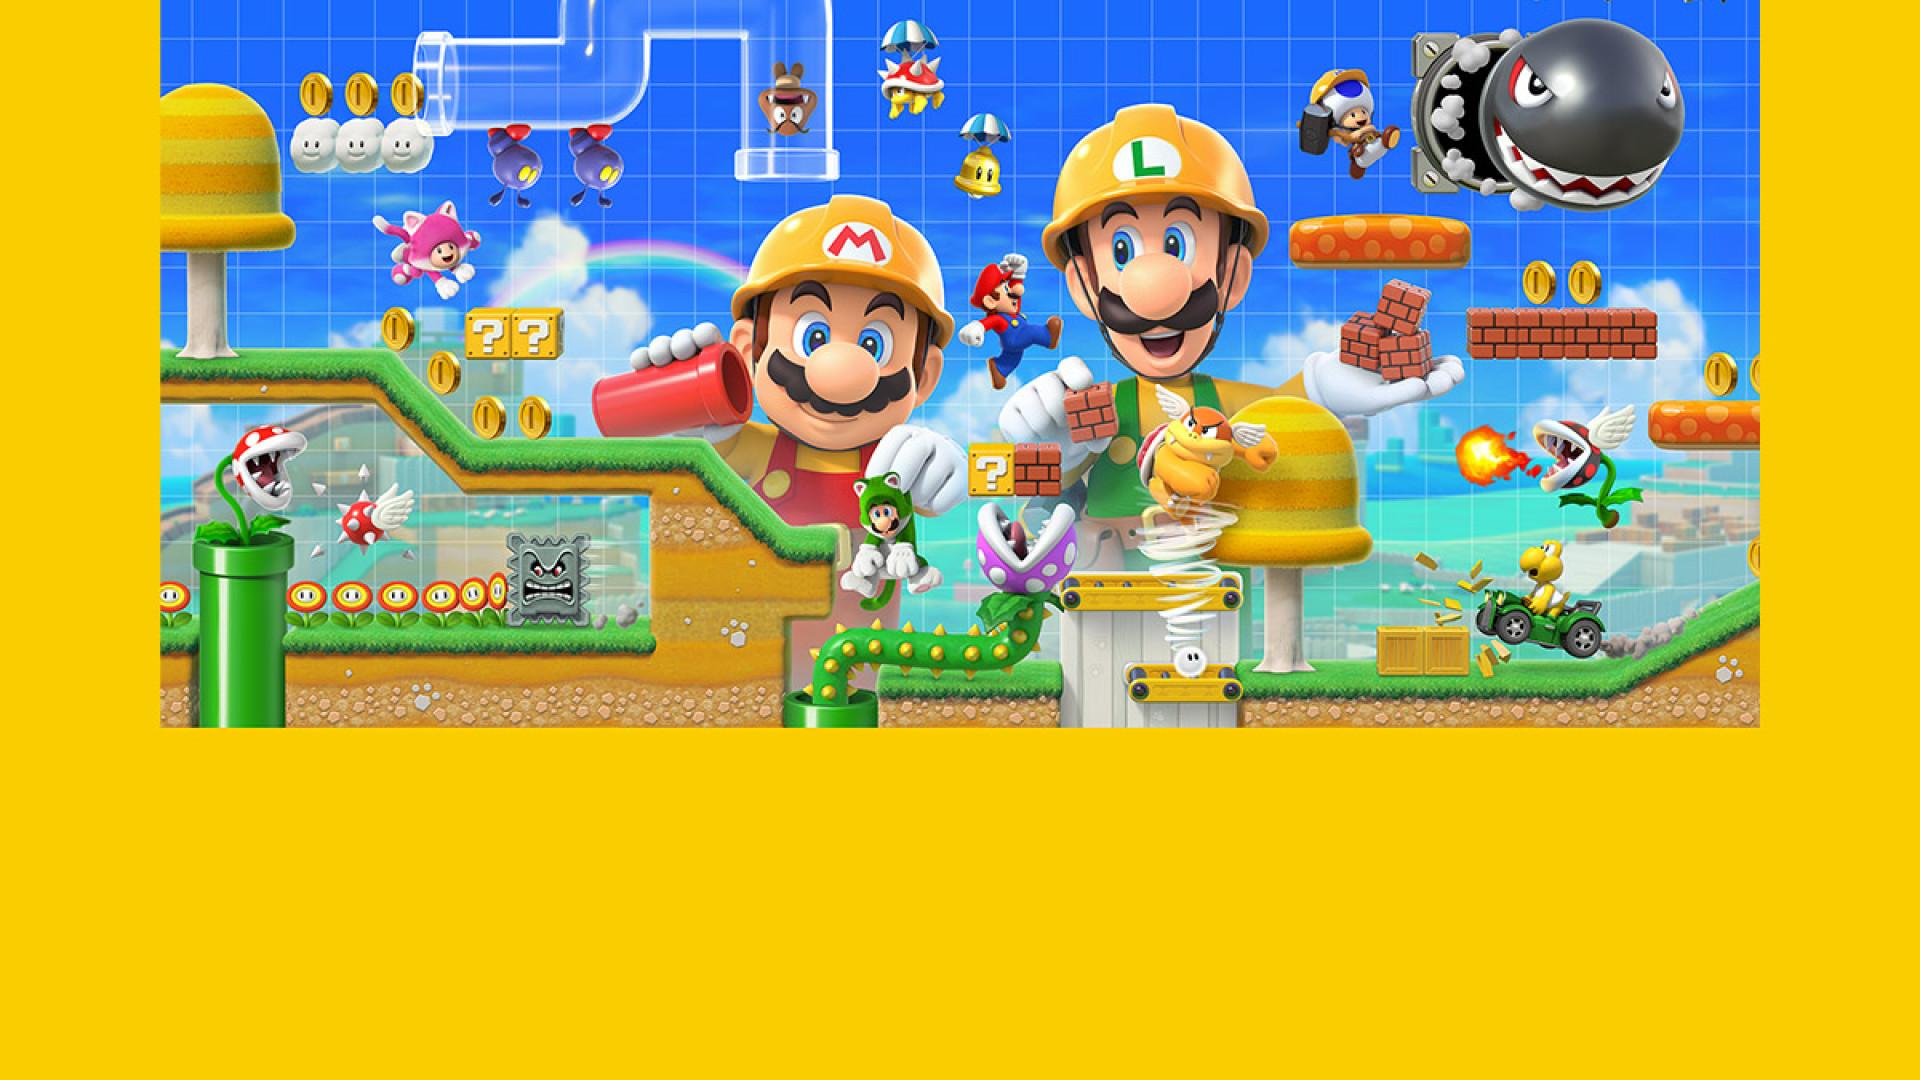 Novo 'Super Mario' vai permitir criar níveis inteiros para jogar